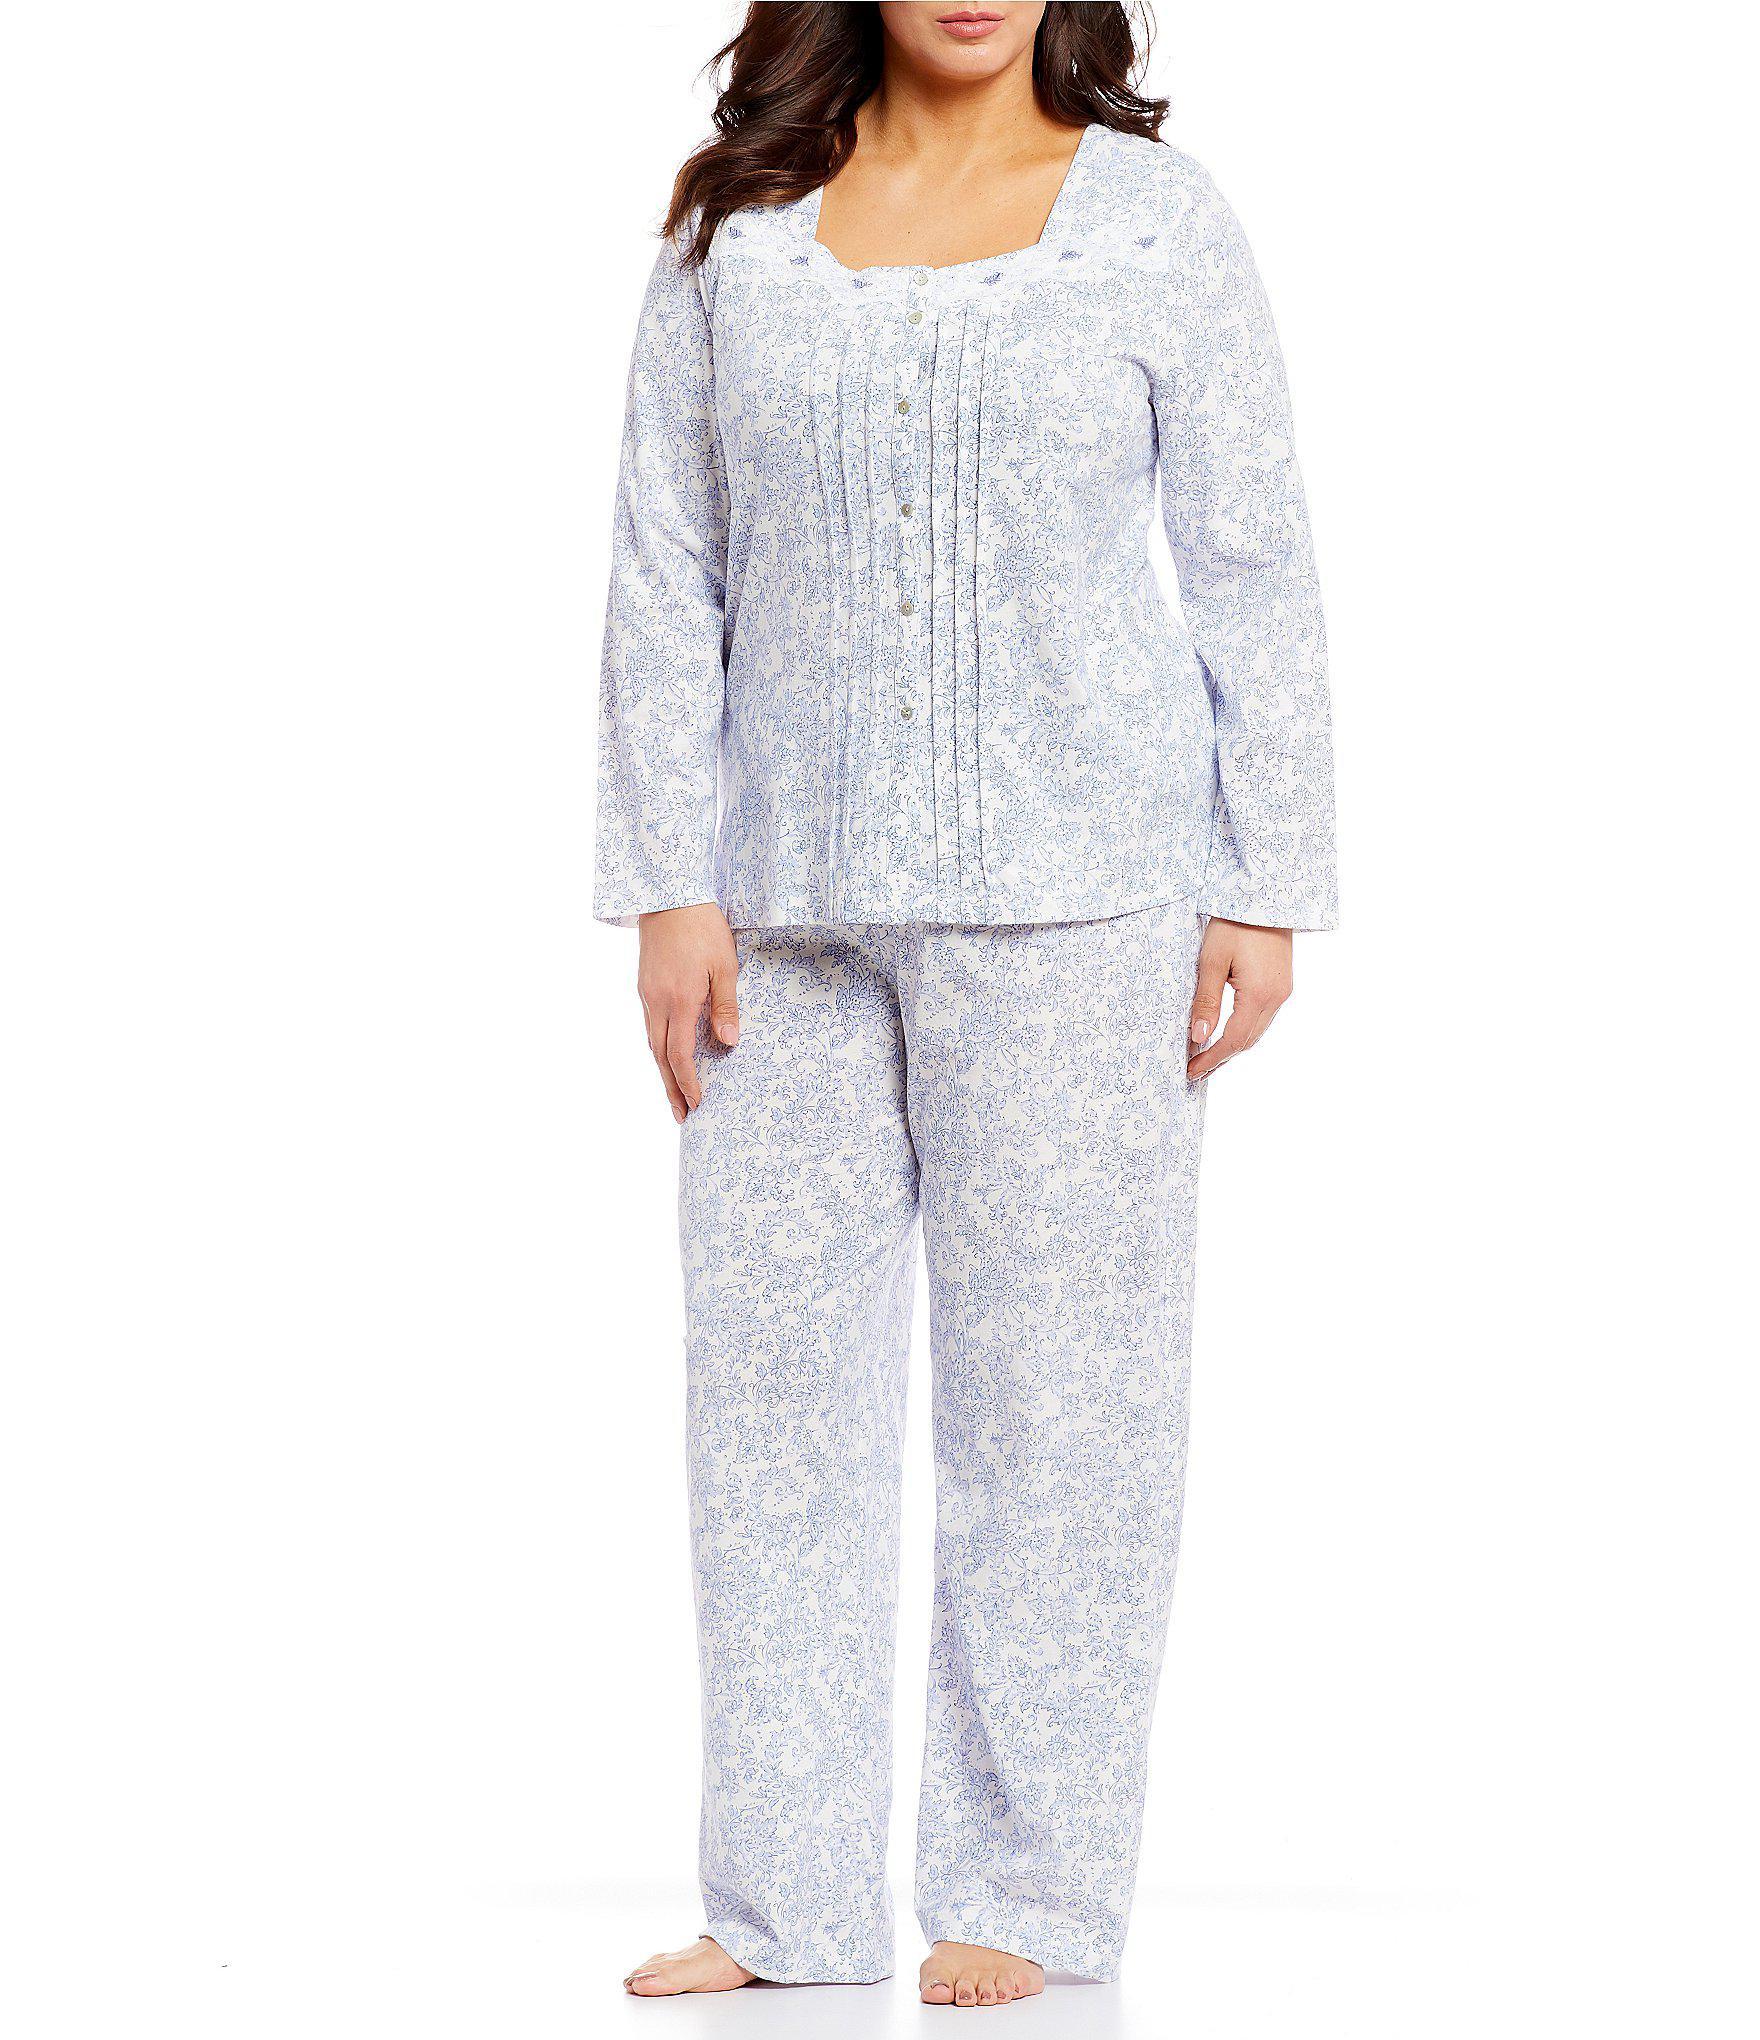 e72cfceb41 Lyst - Carole Hochman Plus Cotton   Lace Pajamas in White